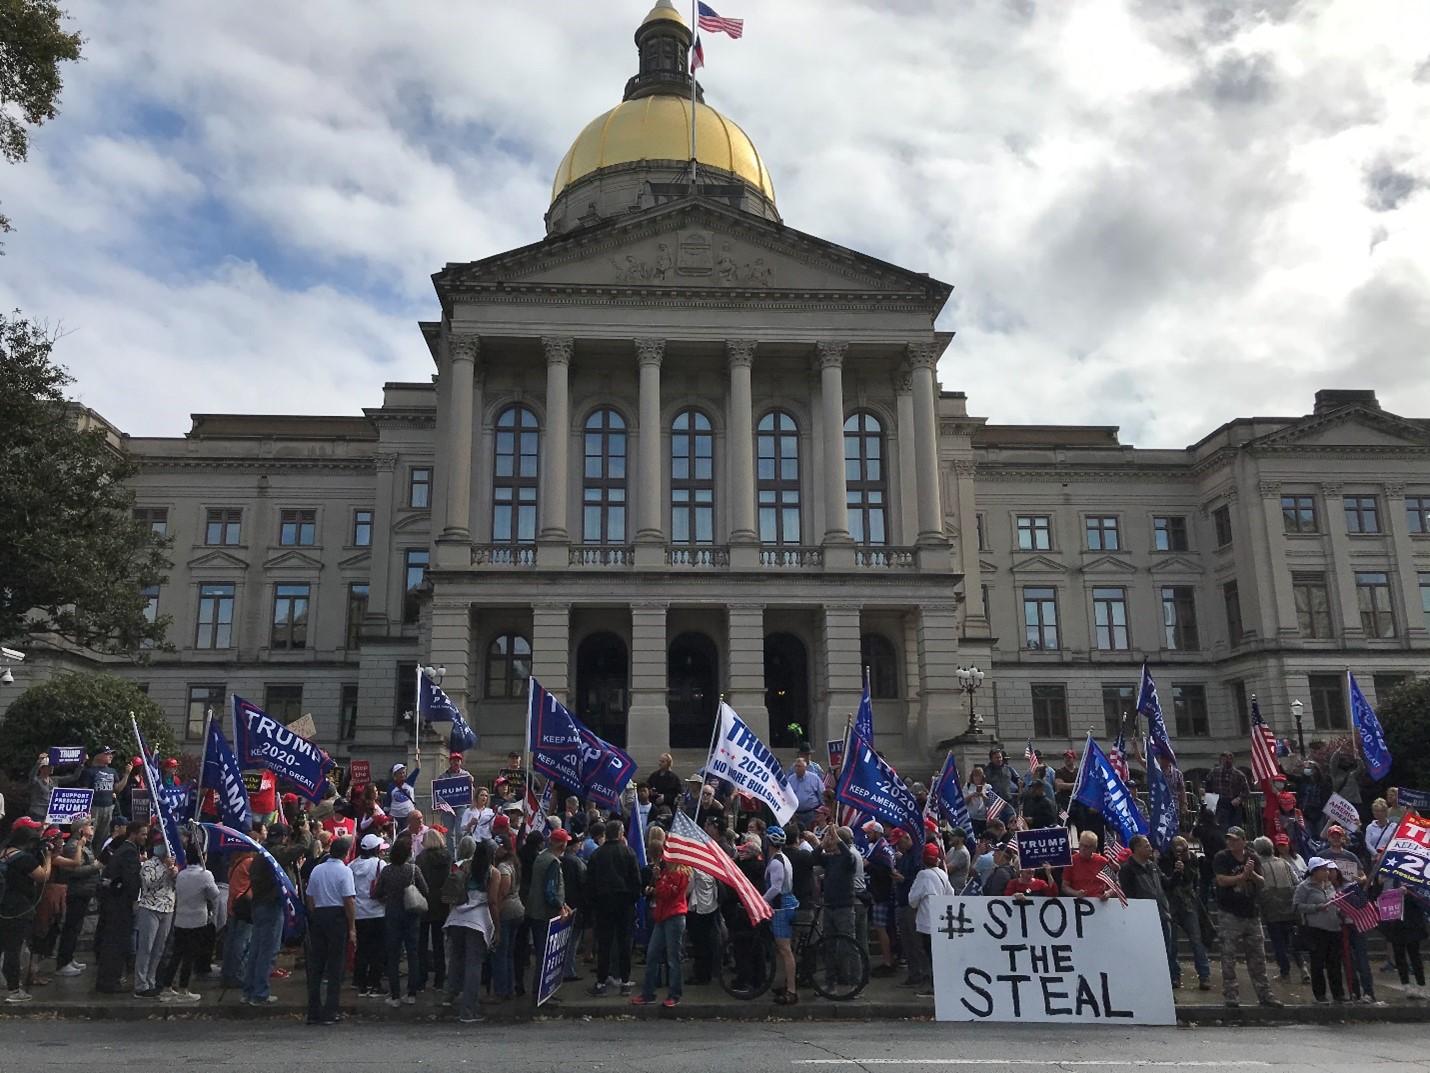 數百名民眾於2020年11月7日中午在佐治亞州州議會金頂大樓前舉行Stop the Steal抗議活動。(呂尚明/大紀元)